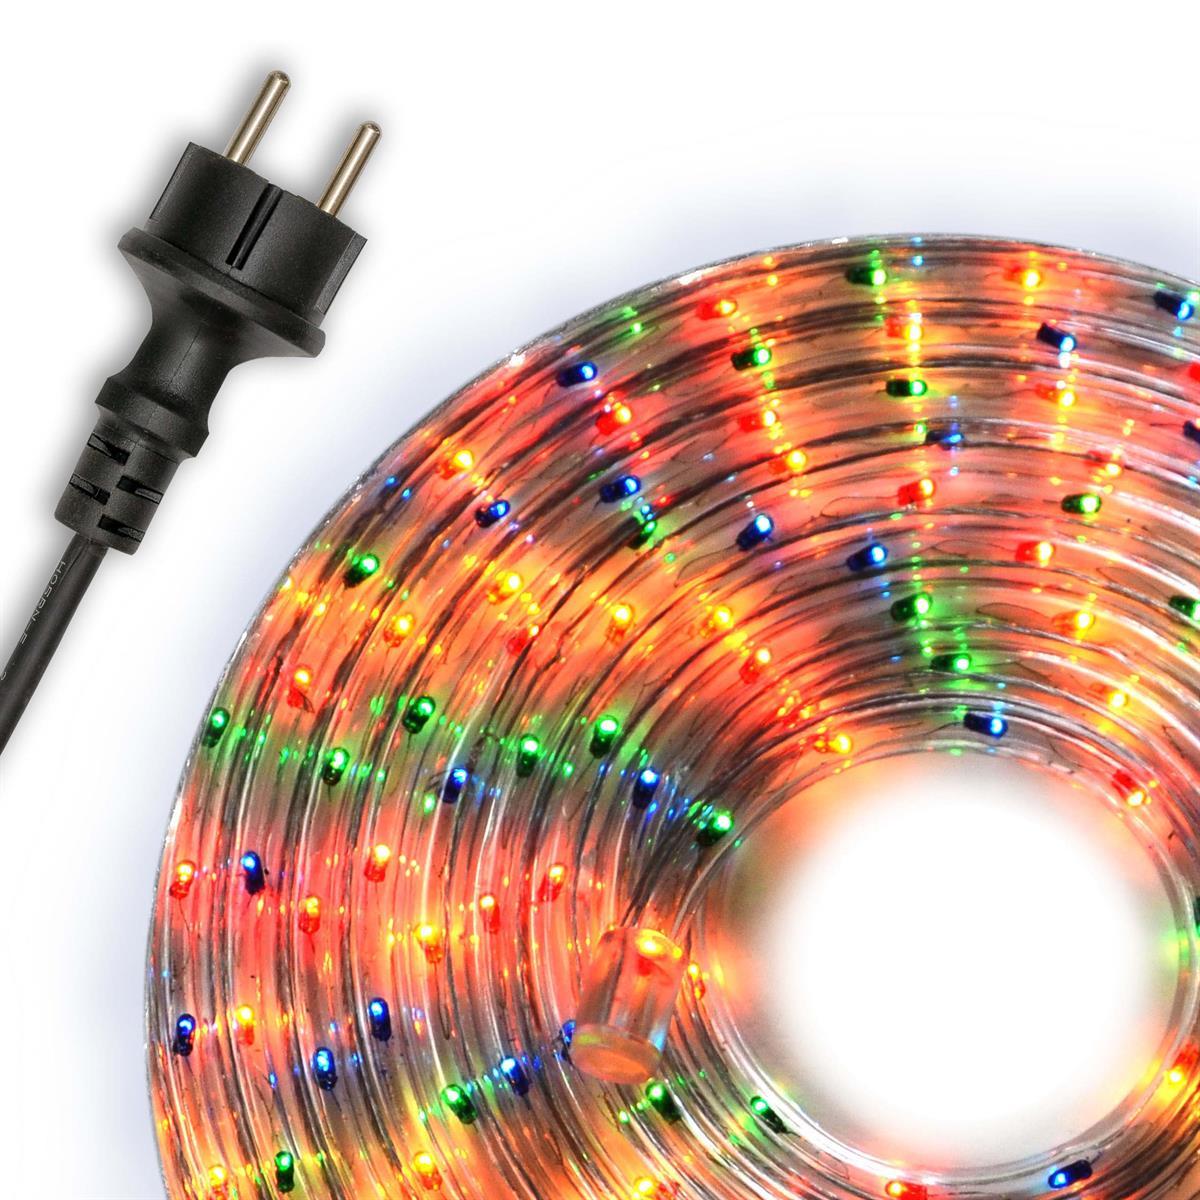 Lichtschlauch Lichterschlauch bunt 10m Lichterkette Party Partybeleuchtung Deko